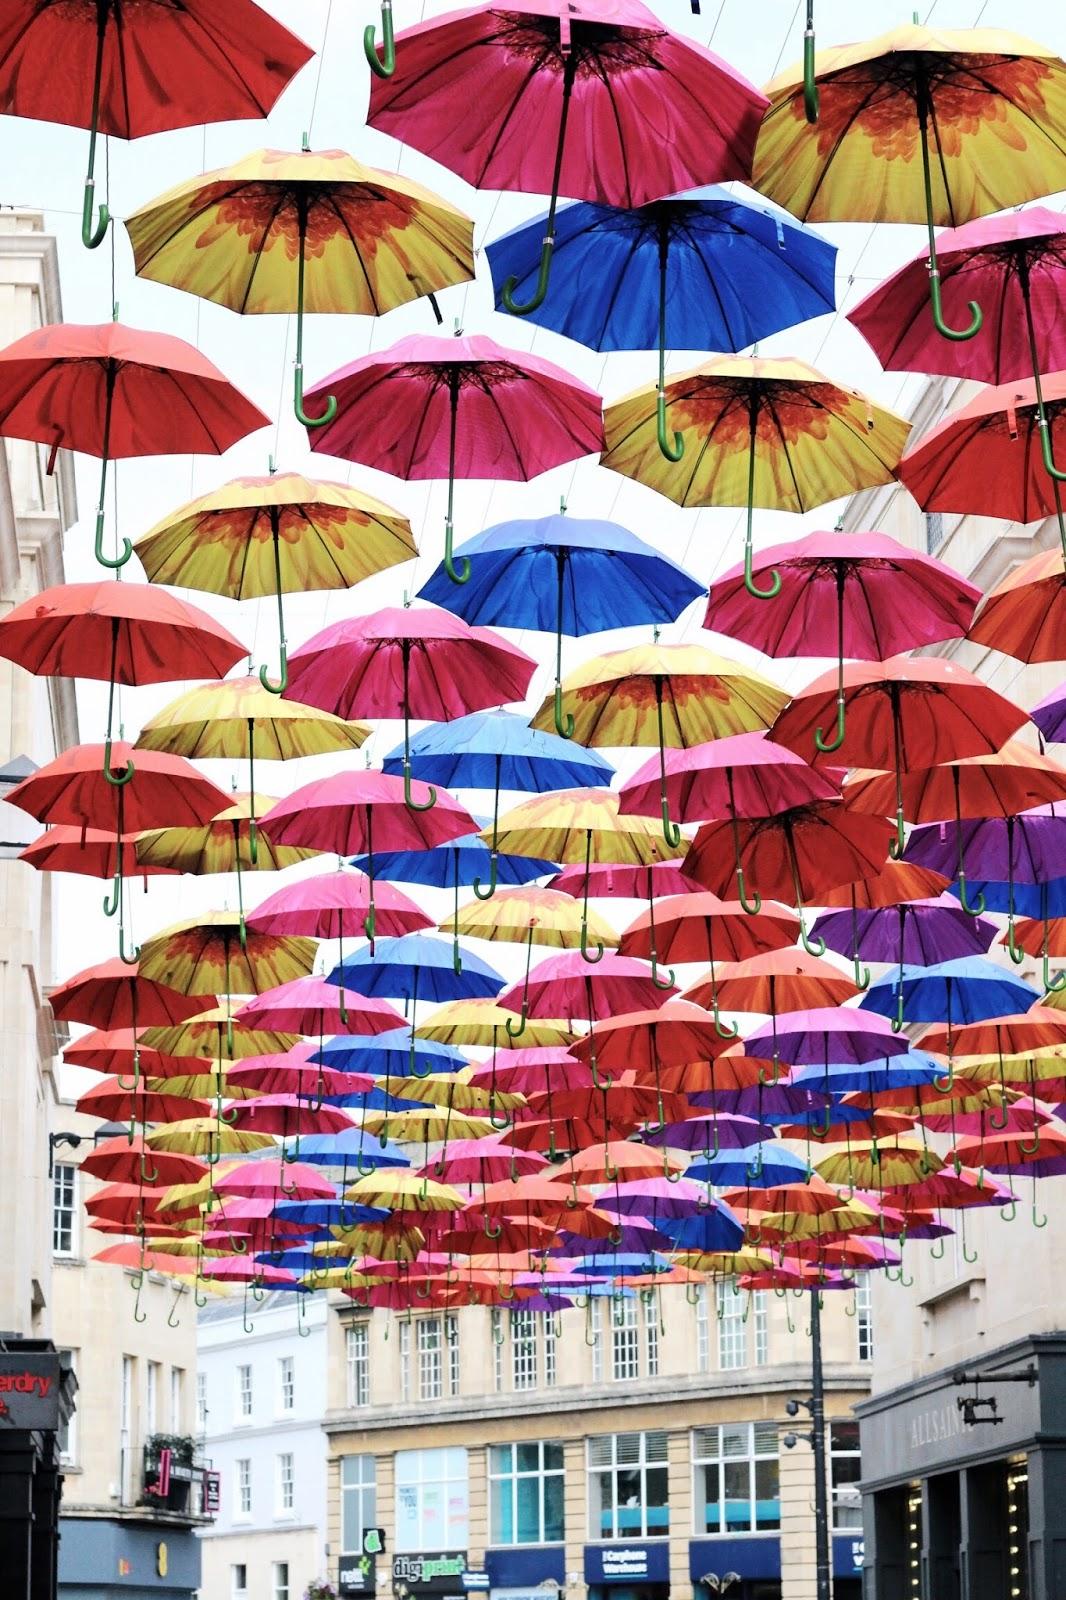 Bath colourful umbrella installation